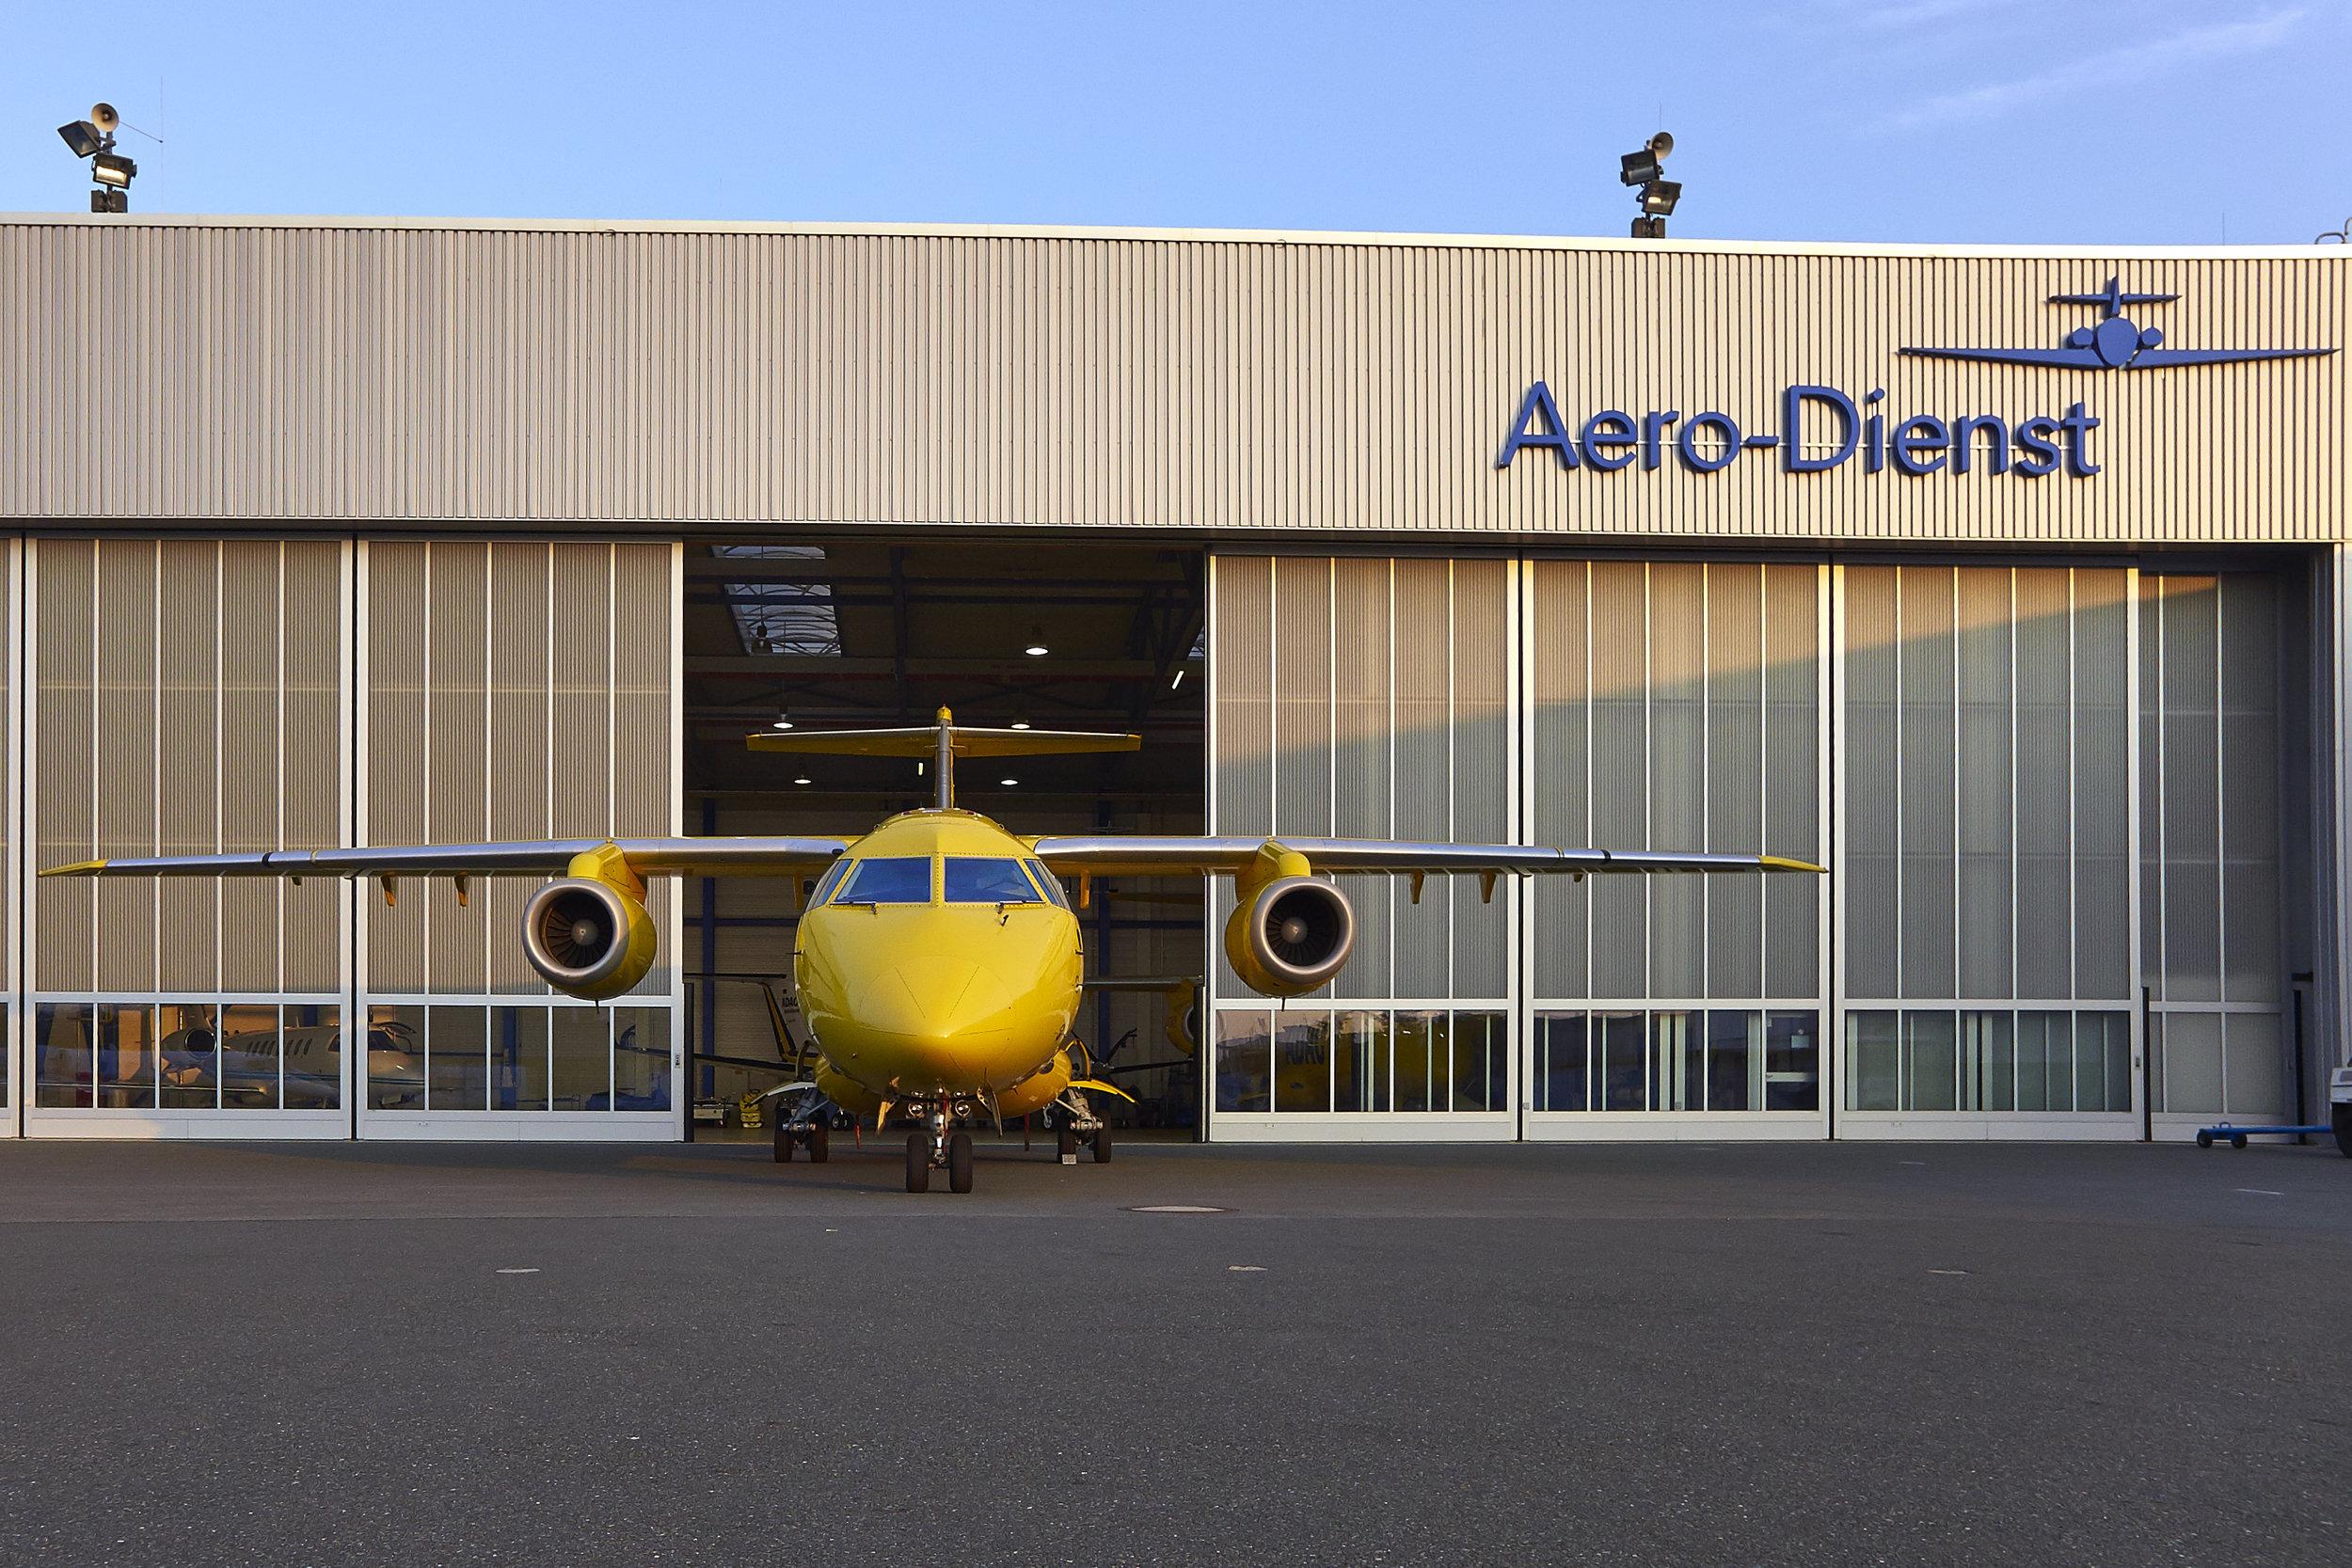 Aerodienst ADAC - Flugzeuge, Piloten, Notärzte, Rettungsübung